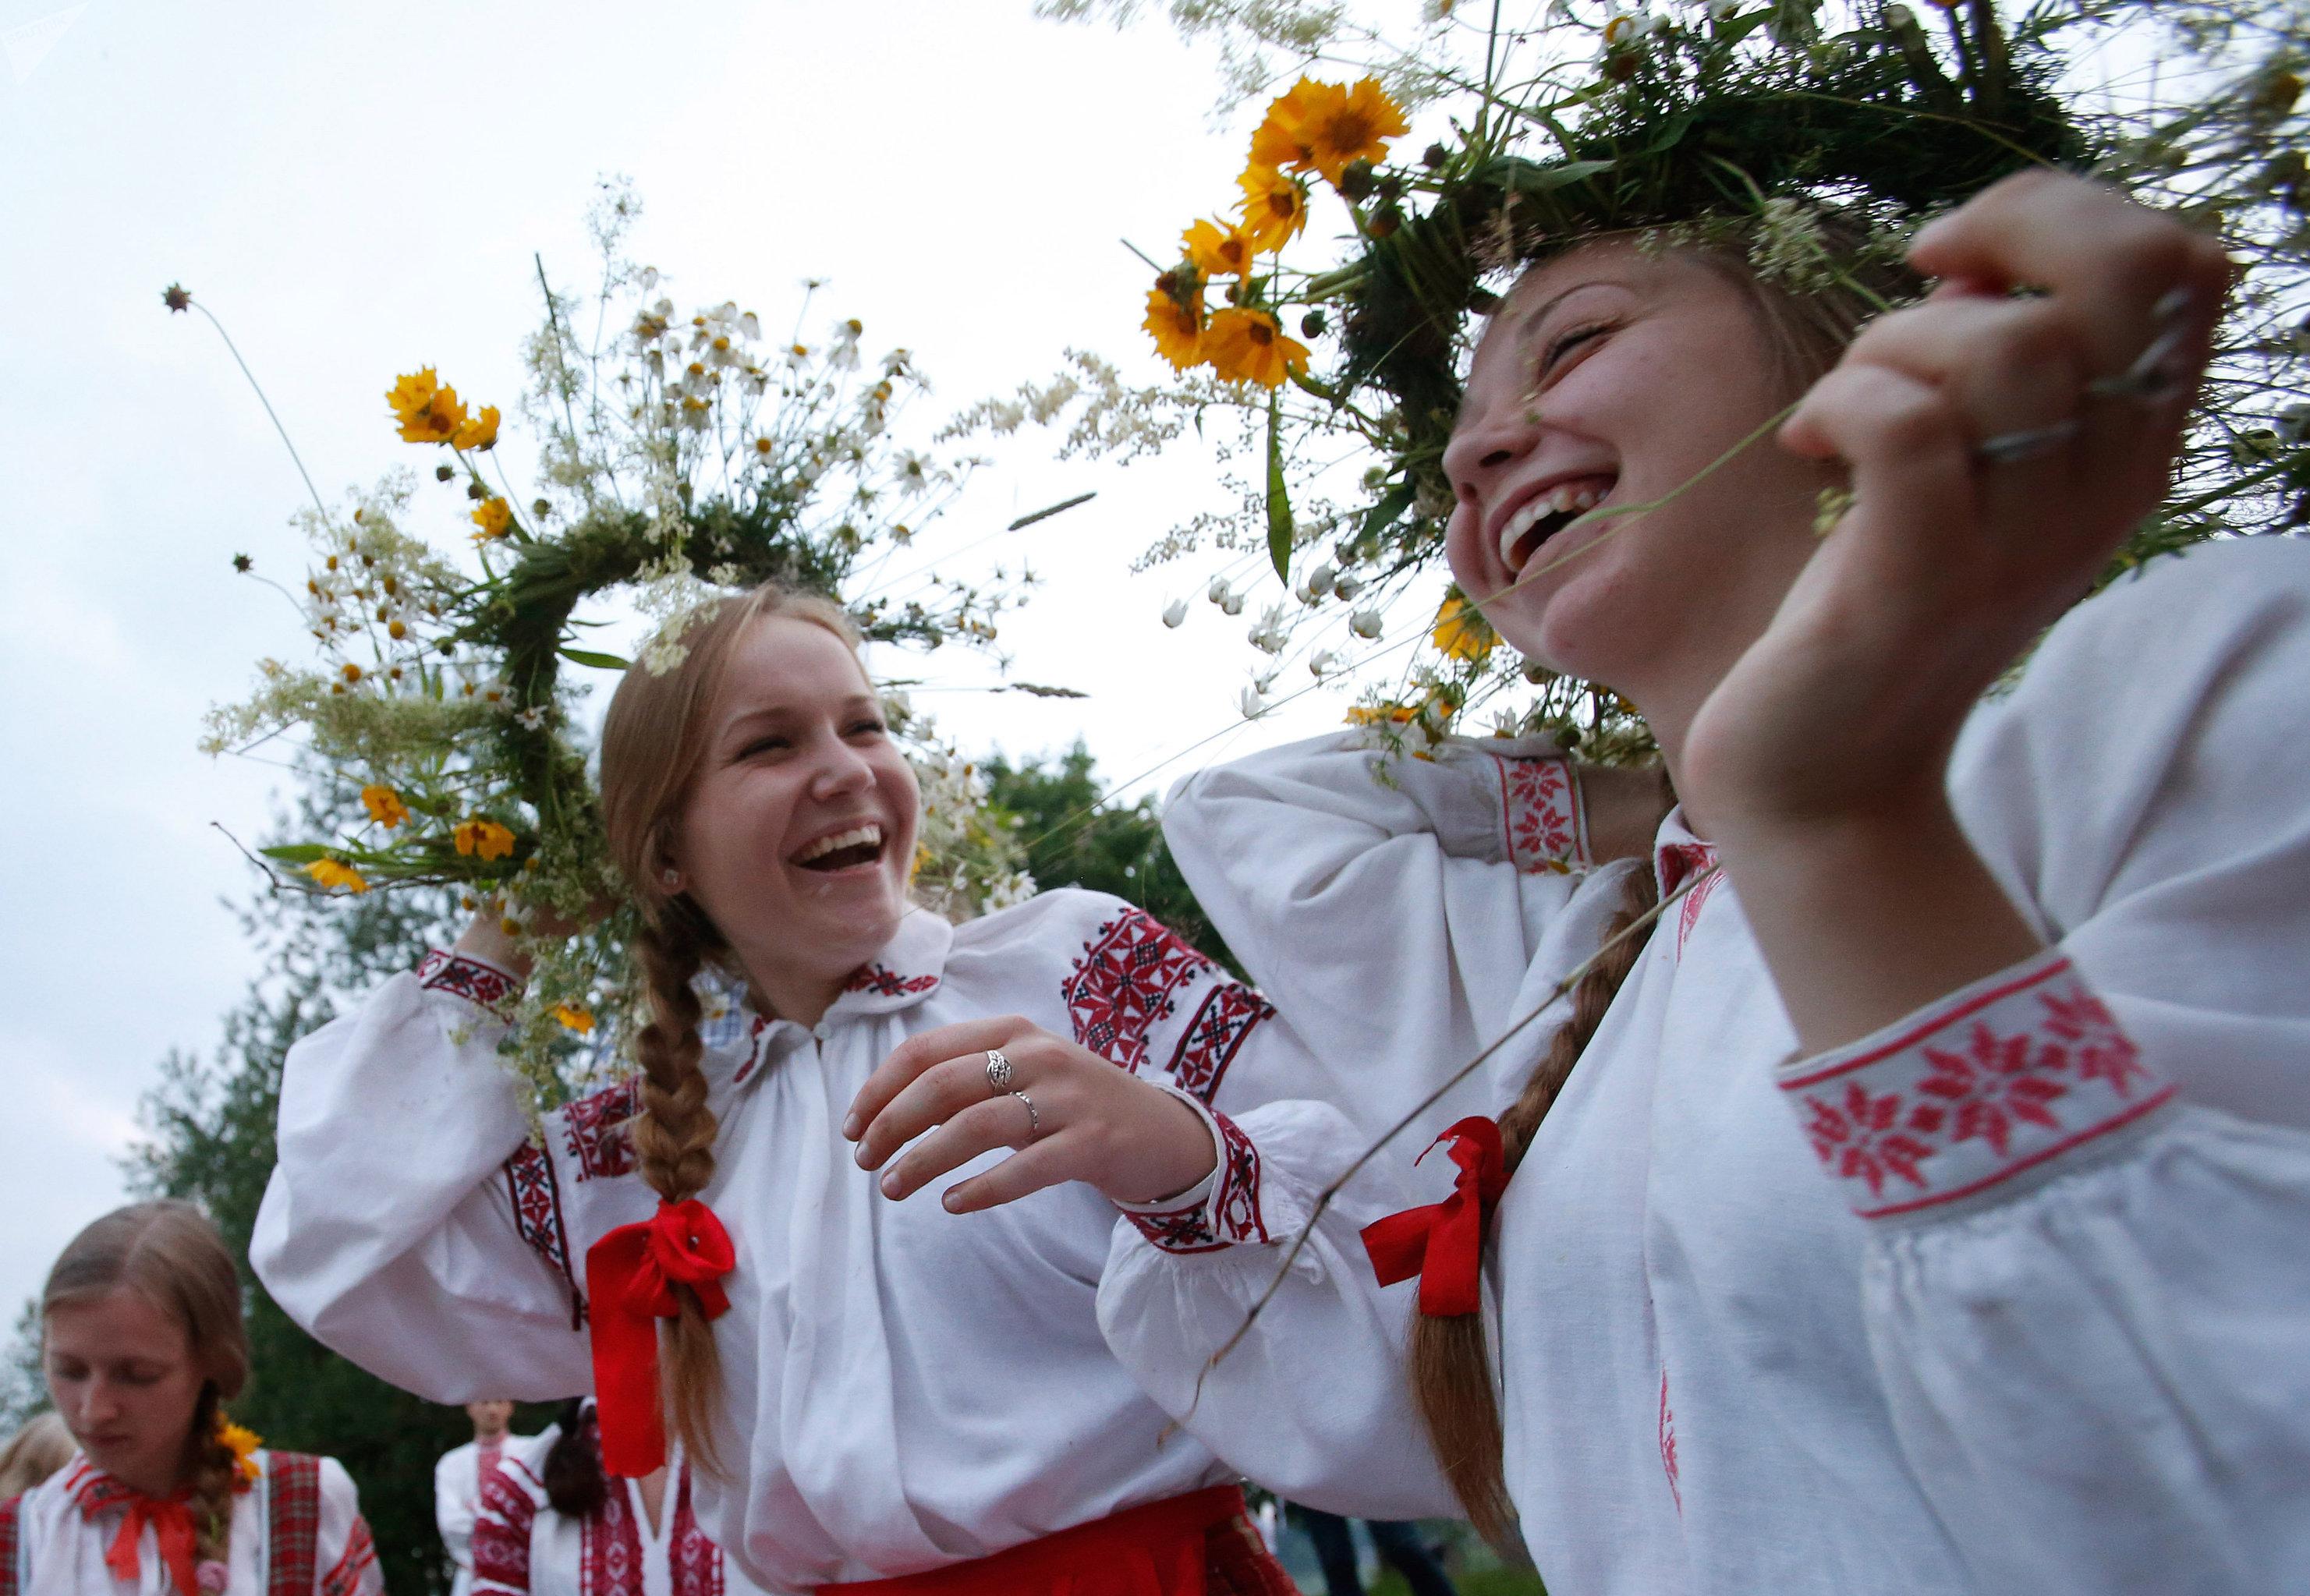 La celebración del solsticio de verano en Bielorrusia